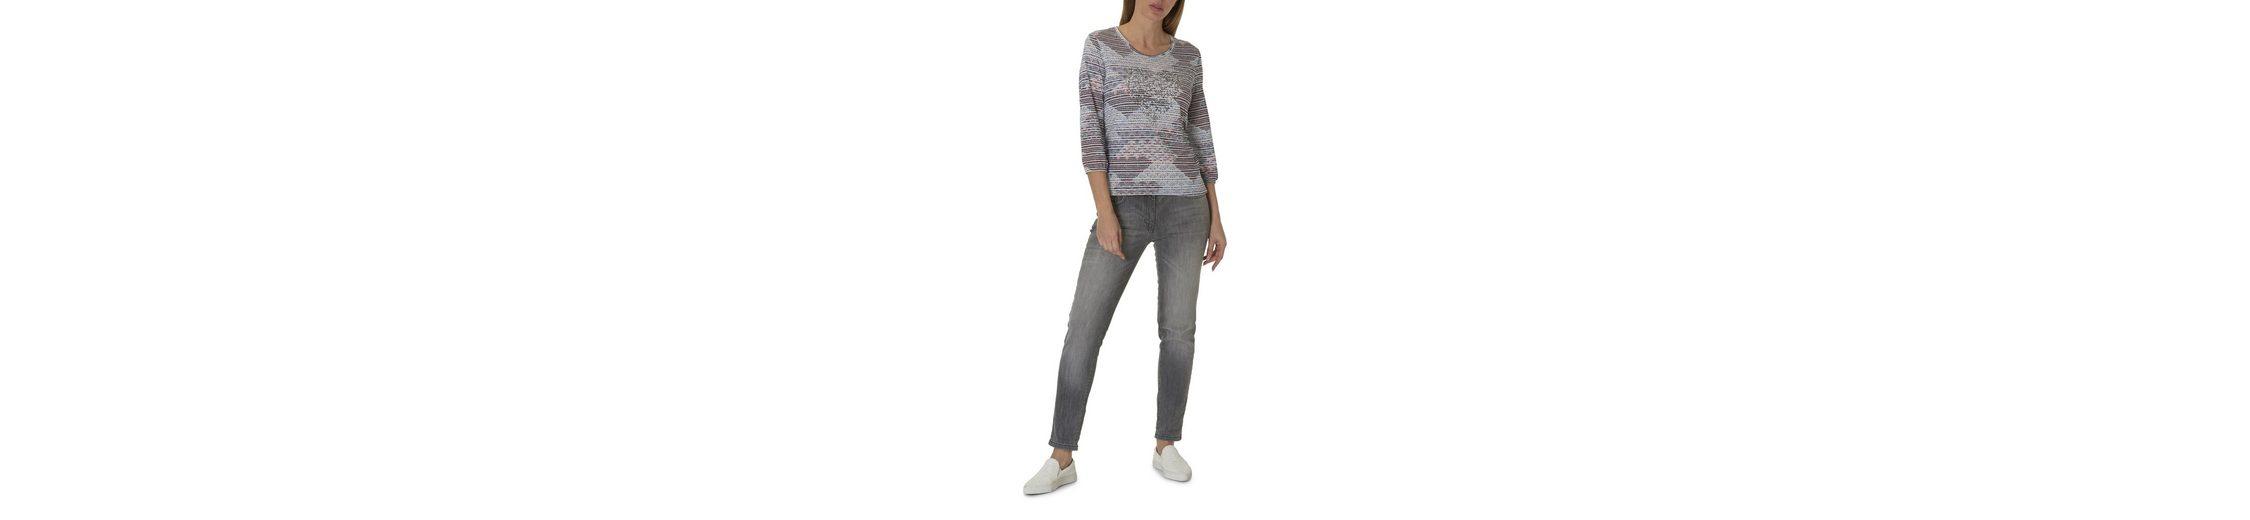 Betty Barclay Shirt mit Mustermix und Strasssteinen Finish Zum Verkauf Brandneues Unisex Günstiger Preis 95UFU